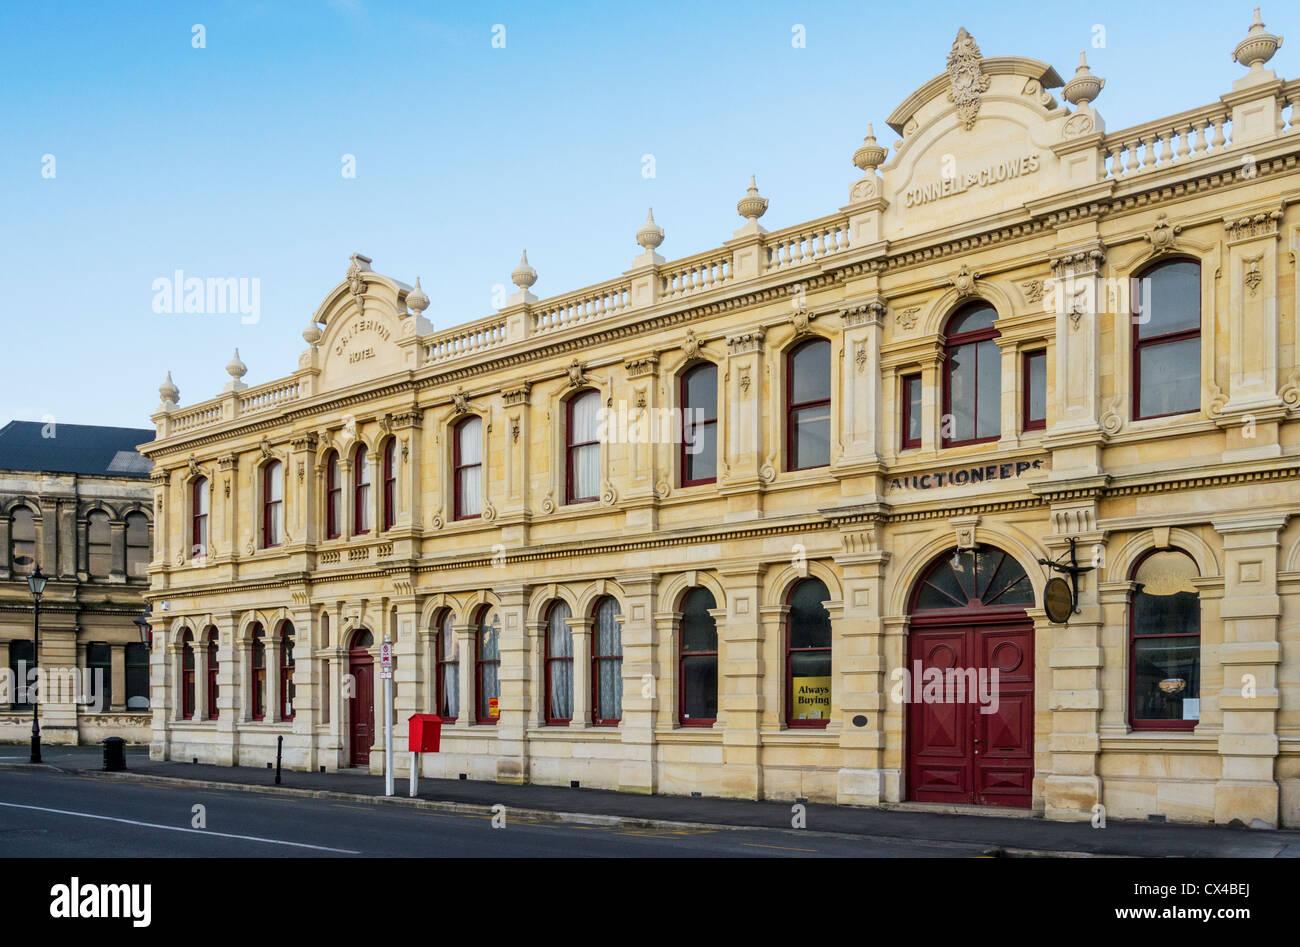 Los edificios victorianos en Tyne Bridge Street, Oamaru, Otago, Nueva Zelanda, parte del recinto Victoriano. Imagen De Stock